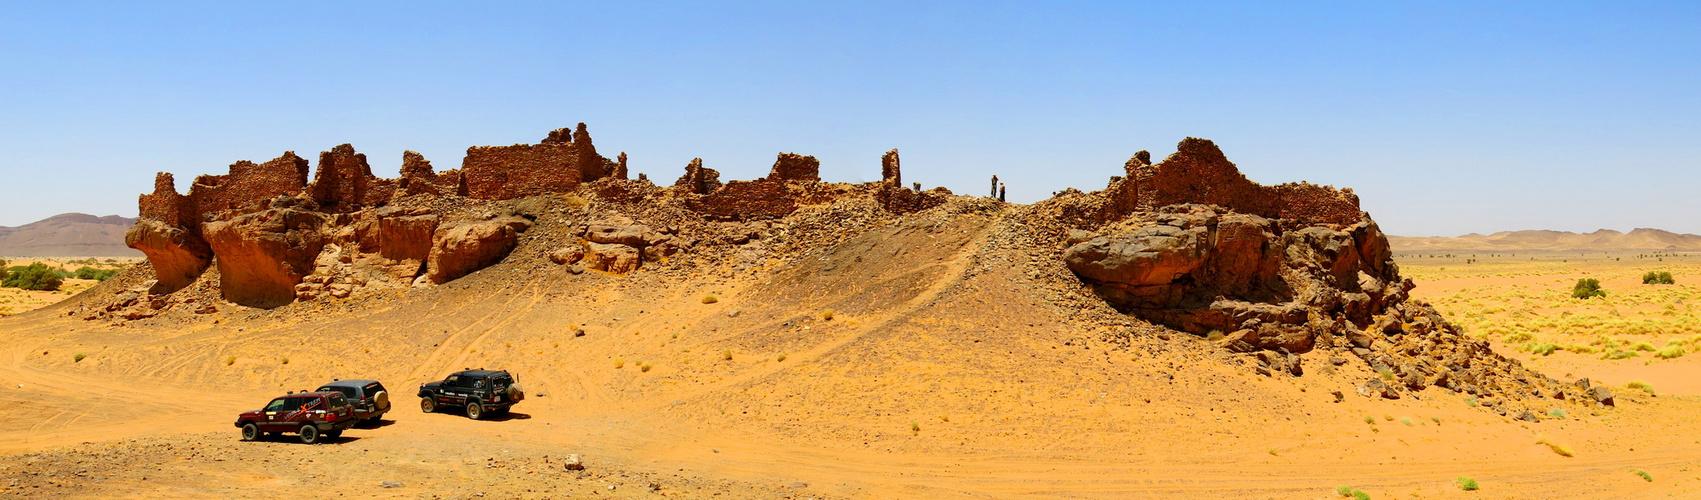 Ciutat perduda al Sahara